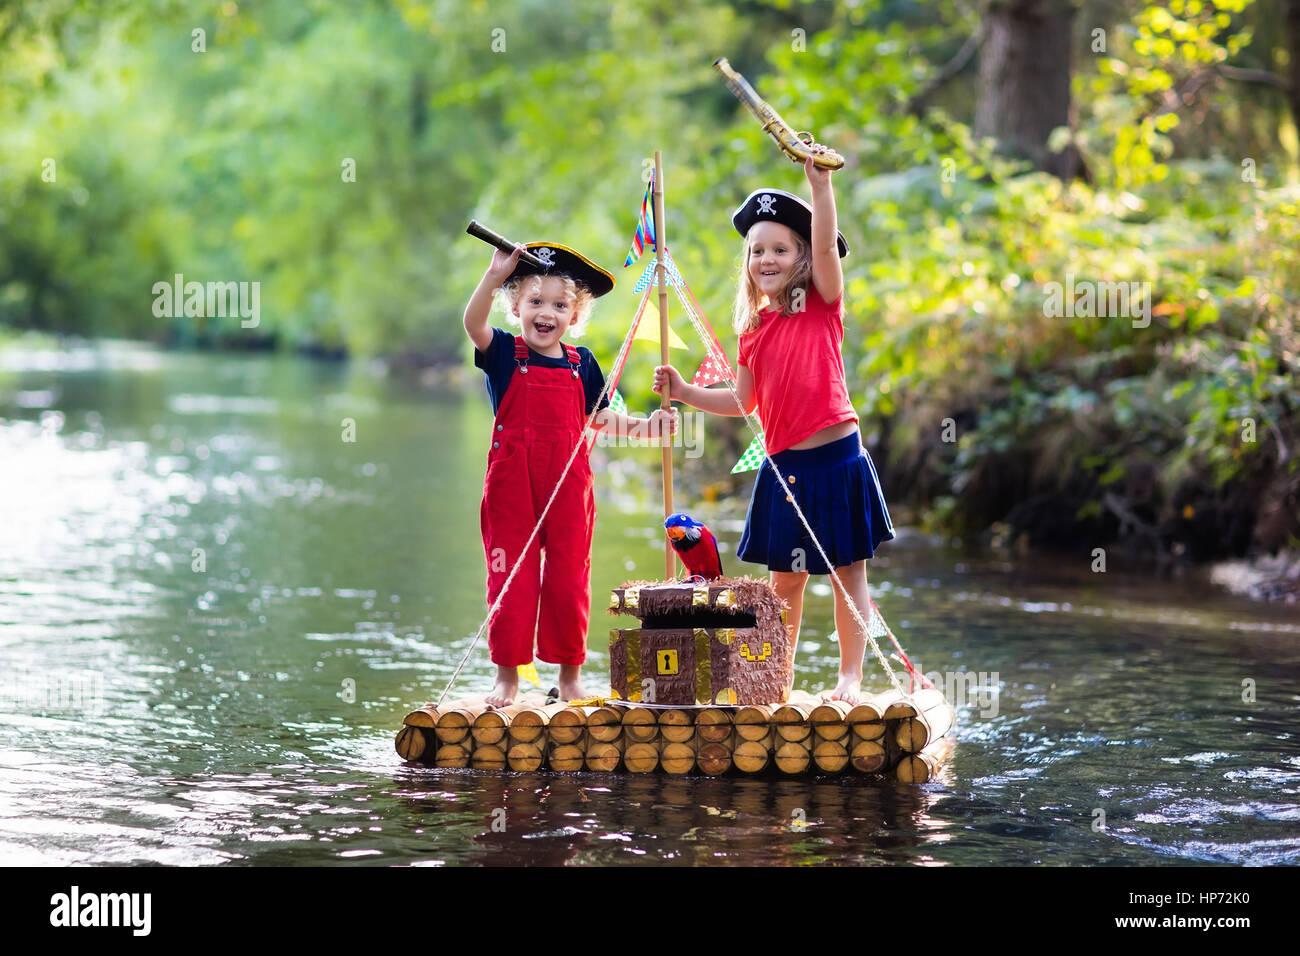 Kinder gekleidet in piraten kostüme und hüte mit schatztruhe